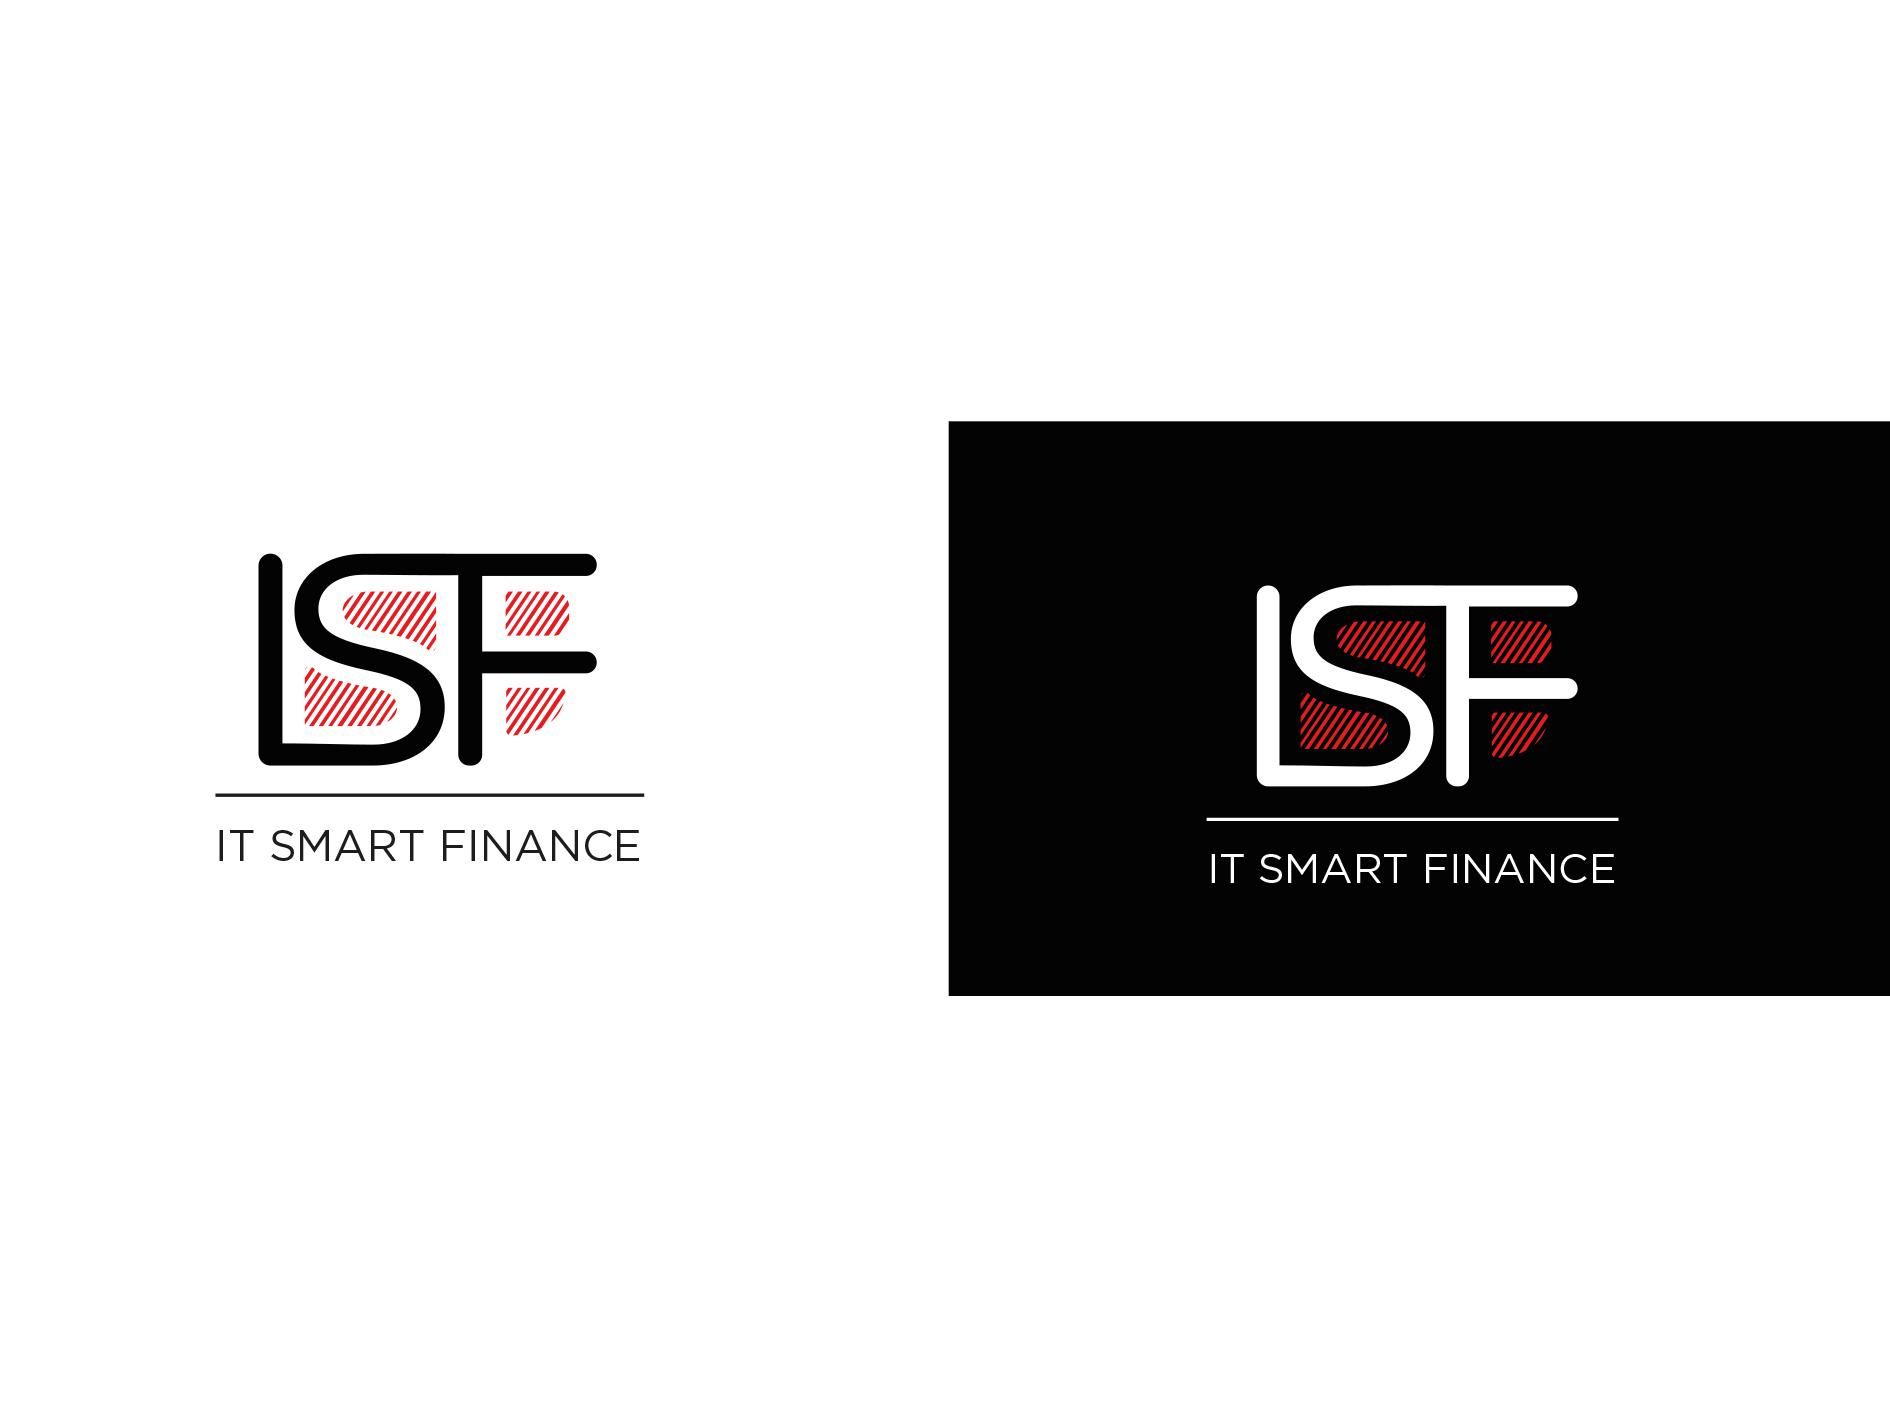 Разработка логотипа фото f_2315a2a94a076b3d.jpg